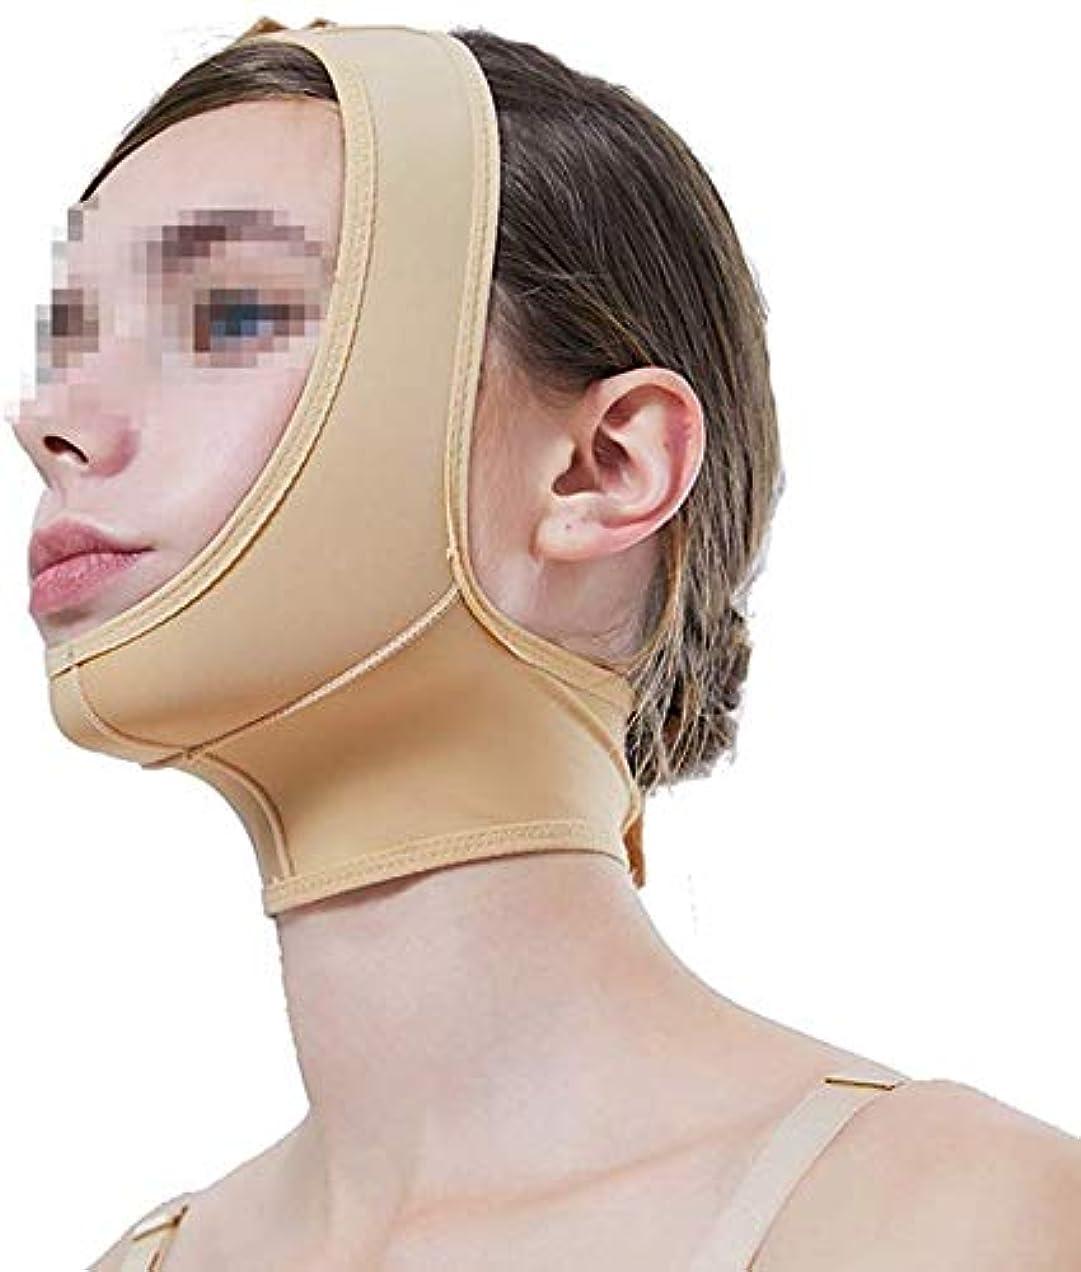 展示会証書カップ美しさと実用性のある弾性薄型フェイスフード、下顎スリーブ術後弾性スリーブフェイスVフェイスマスク付き薄型ダブルチンビーストバーマルチサイズオプション(サイズ:XS)